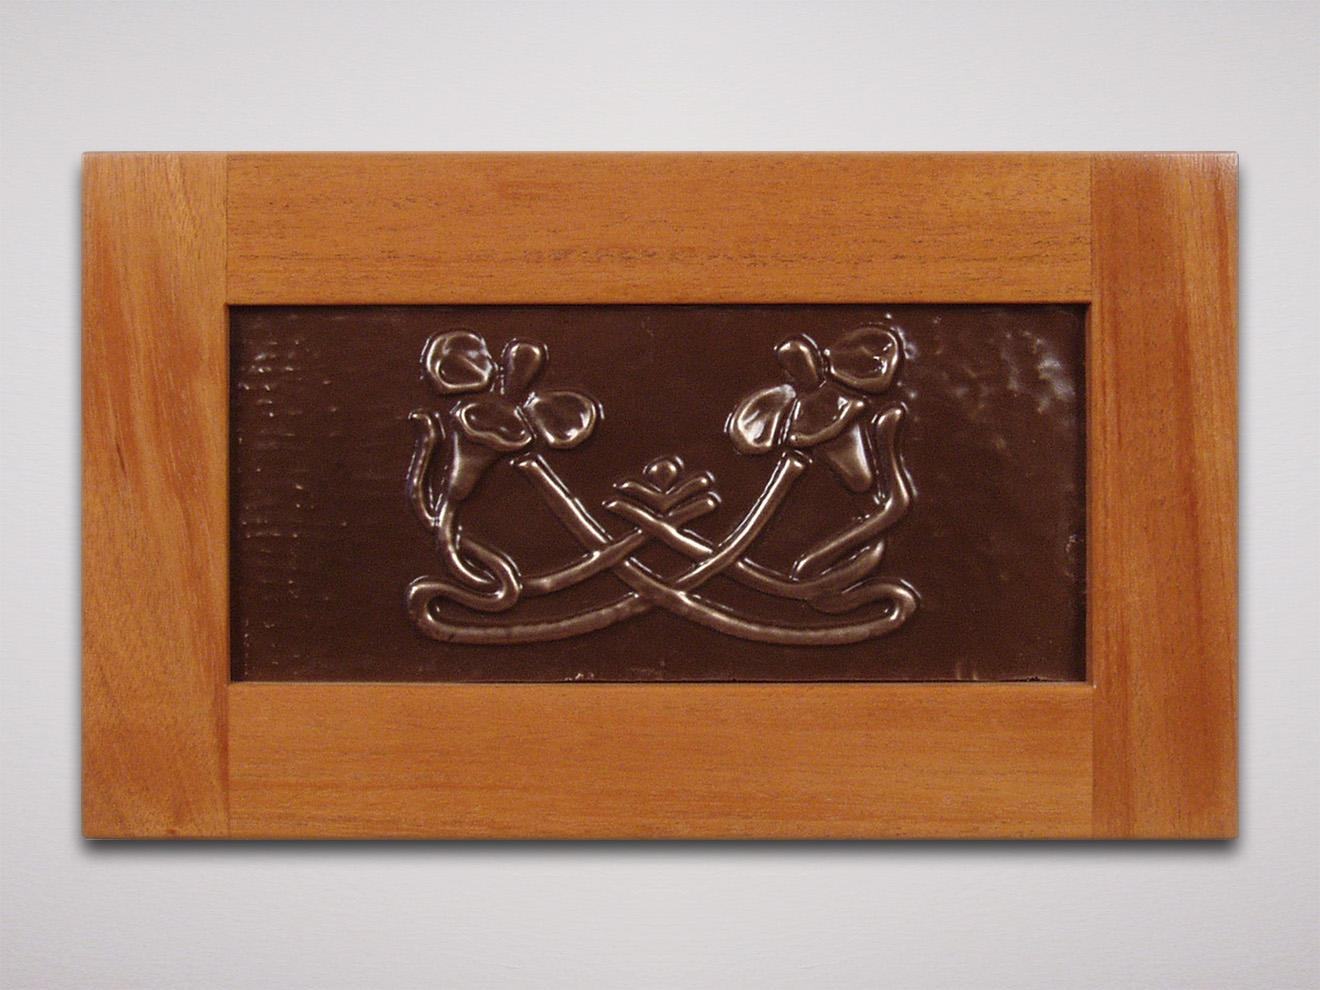 """Zinnias Casting Cold cast bronze powder from original carving. 6""""h × 11""""w (casting) 10.5""""h × 15.5""""w (with mahogany frame)"""